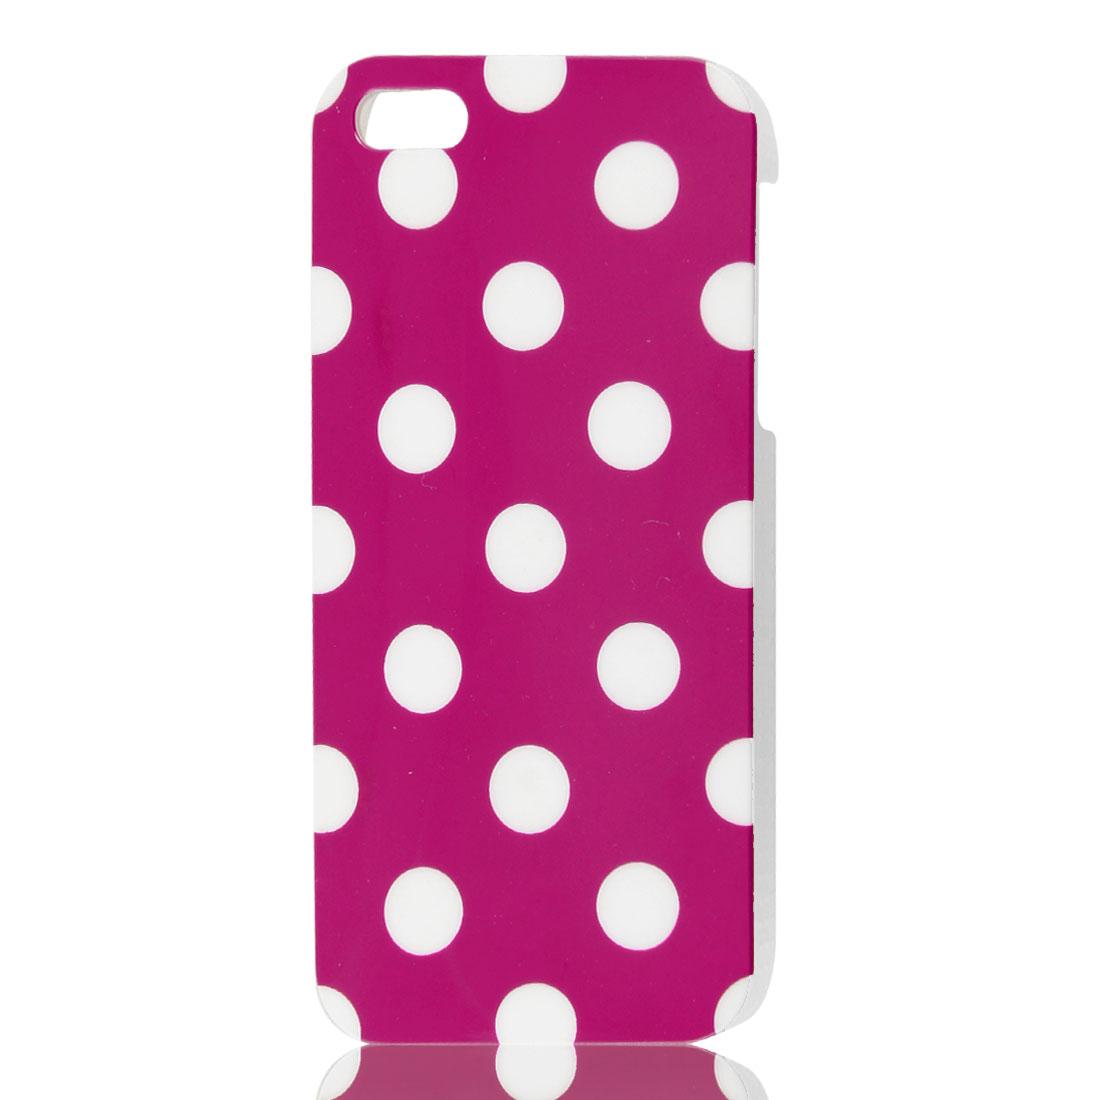 Dot Design Fuchsia IMD Hard Back Cover Case Skin for iPhone 5 5G